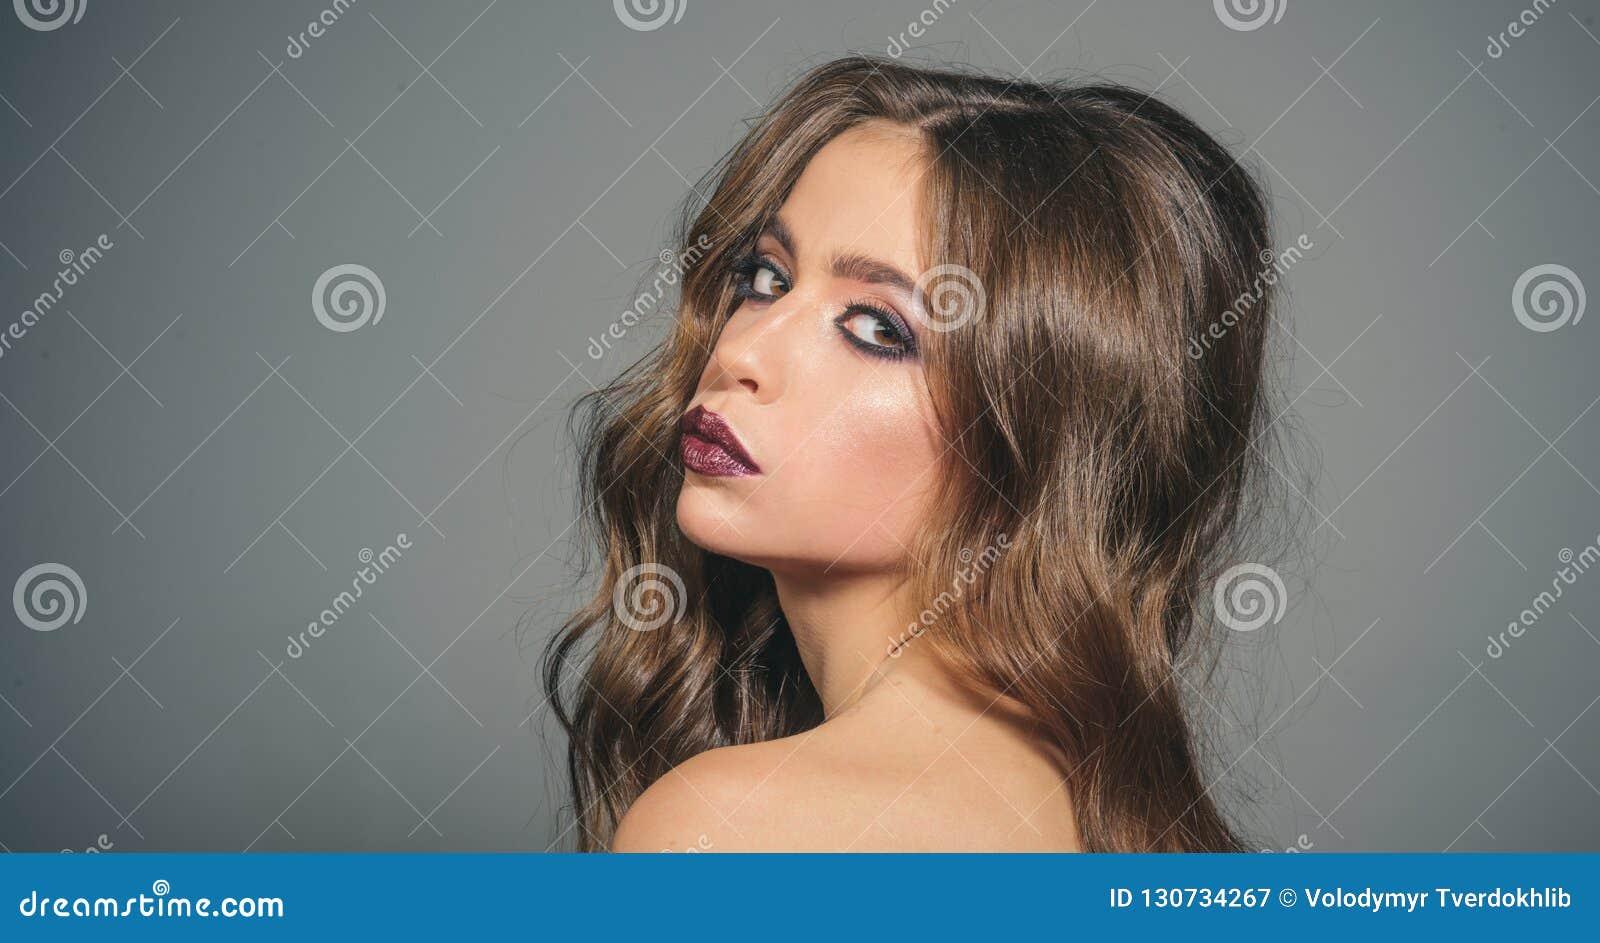 Σαλόνι και κομμωτής ομορφιάς κορίτσι μόδας με τη γοητεία makeup γυναίκα πορτρέτου μόδας γυναίκα με τη μόδα makeup και